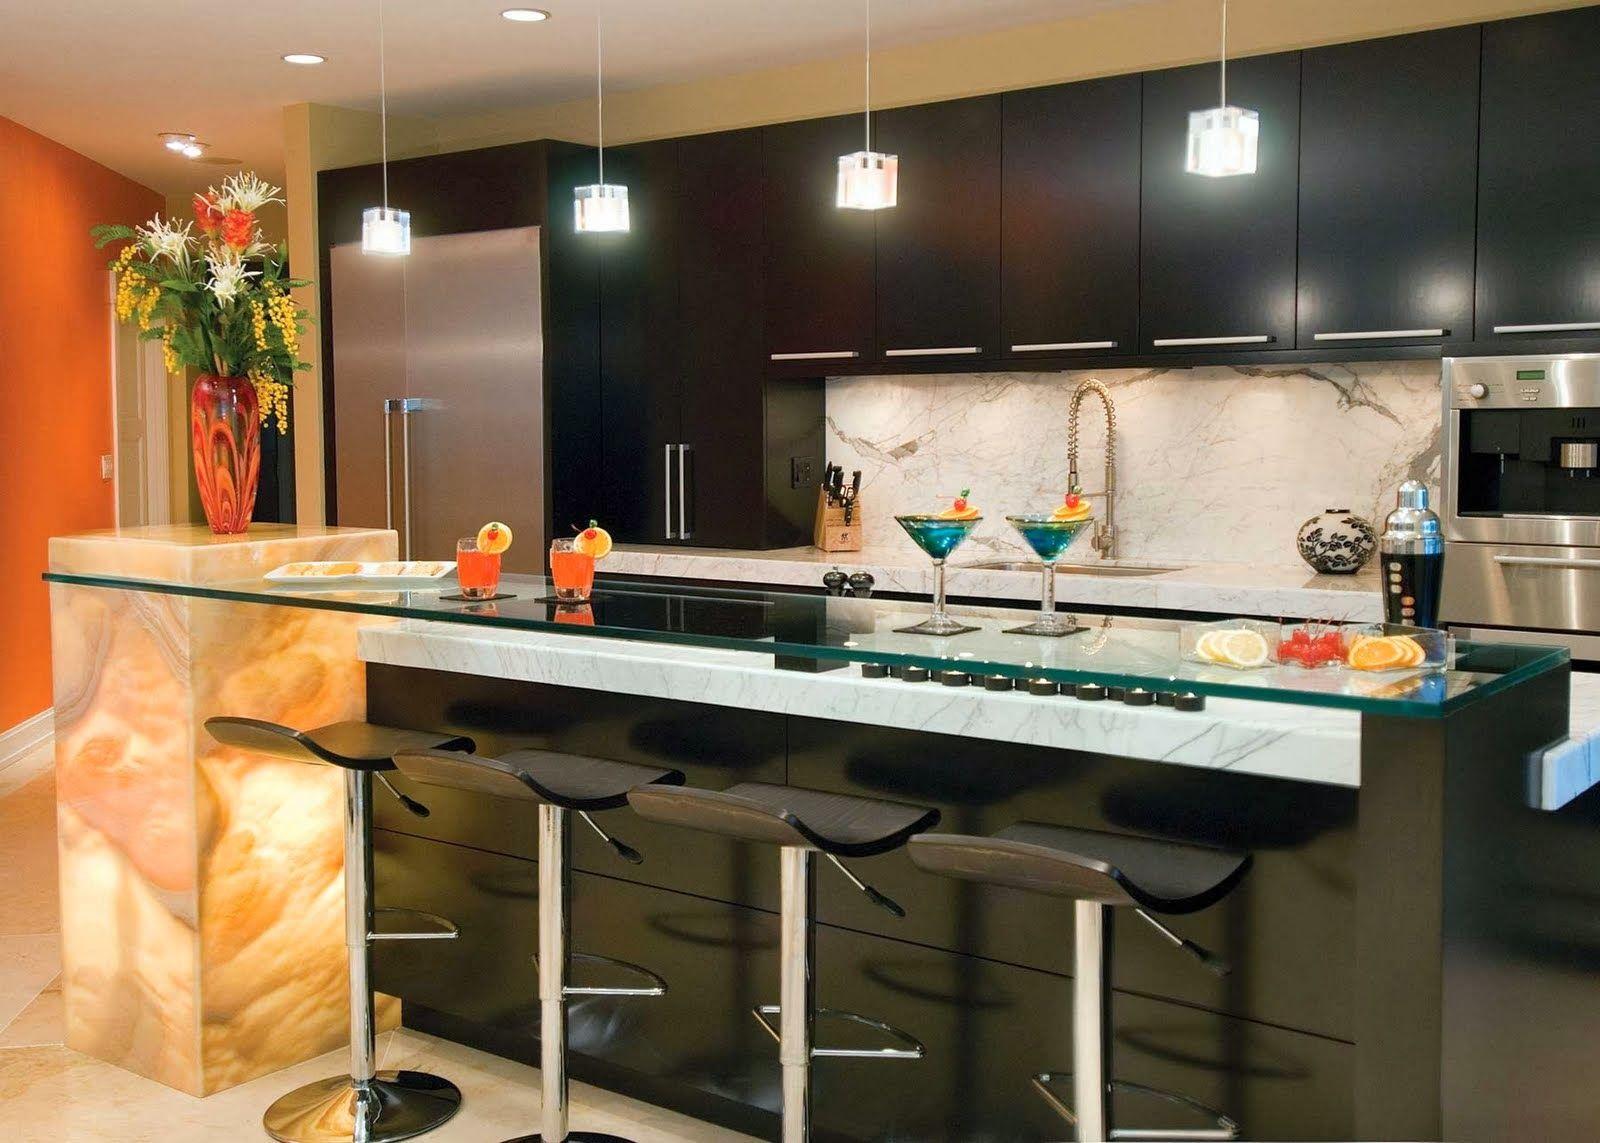 Meja Bar Di Dapur Rumah Teranyar Gambar 43